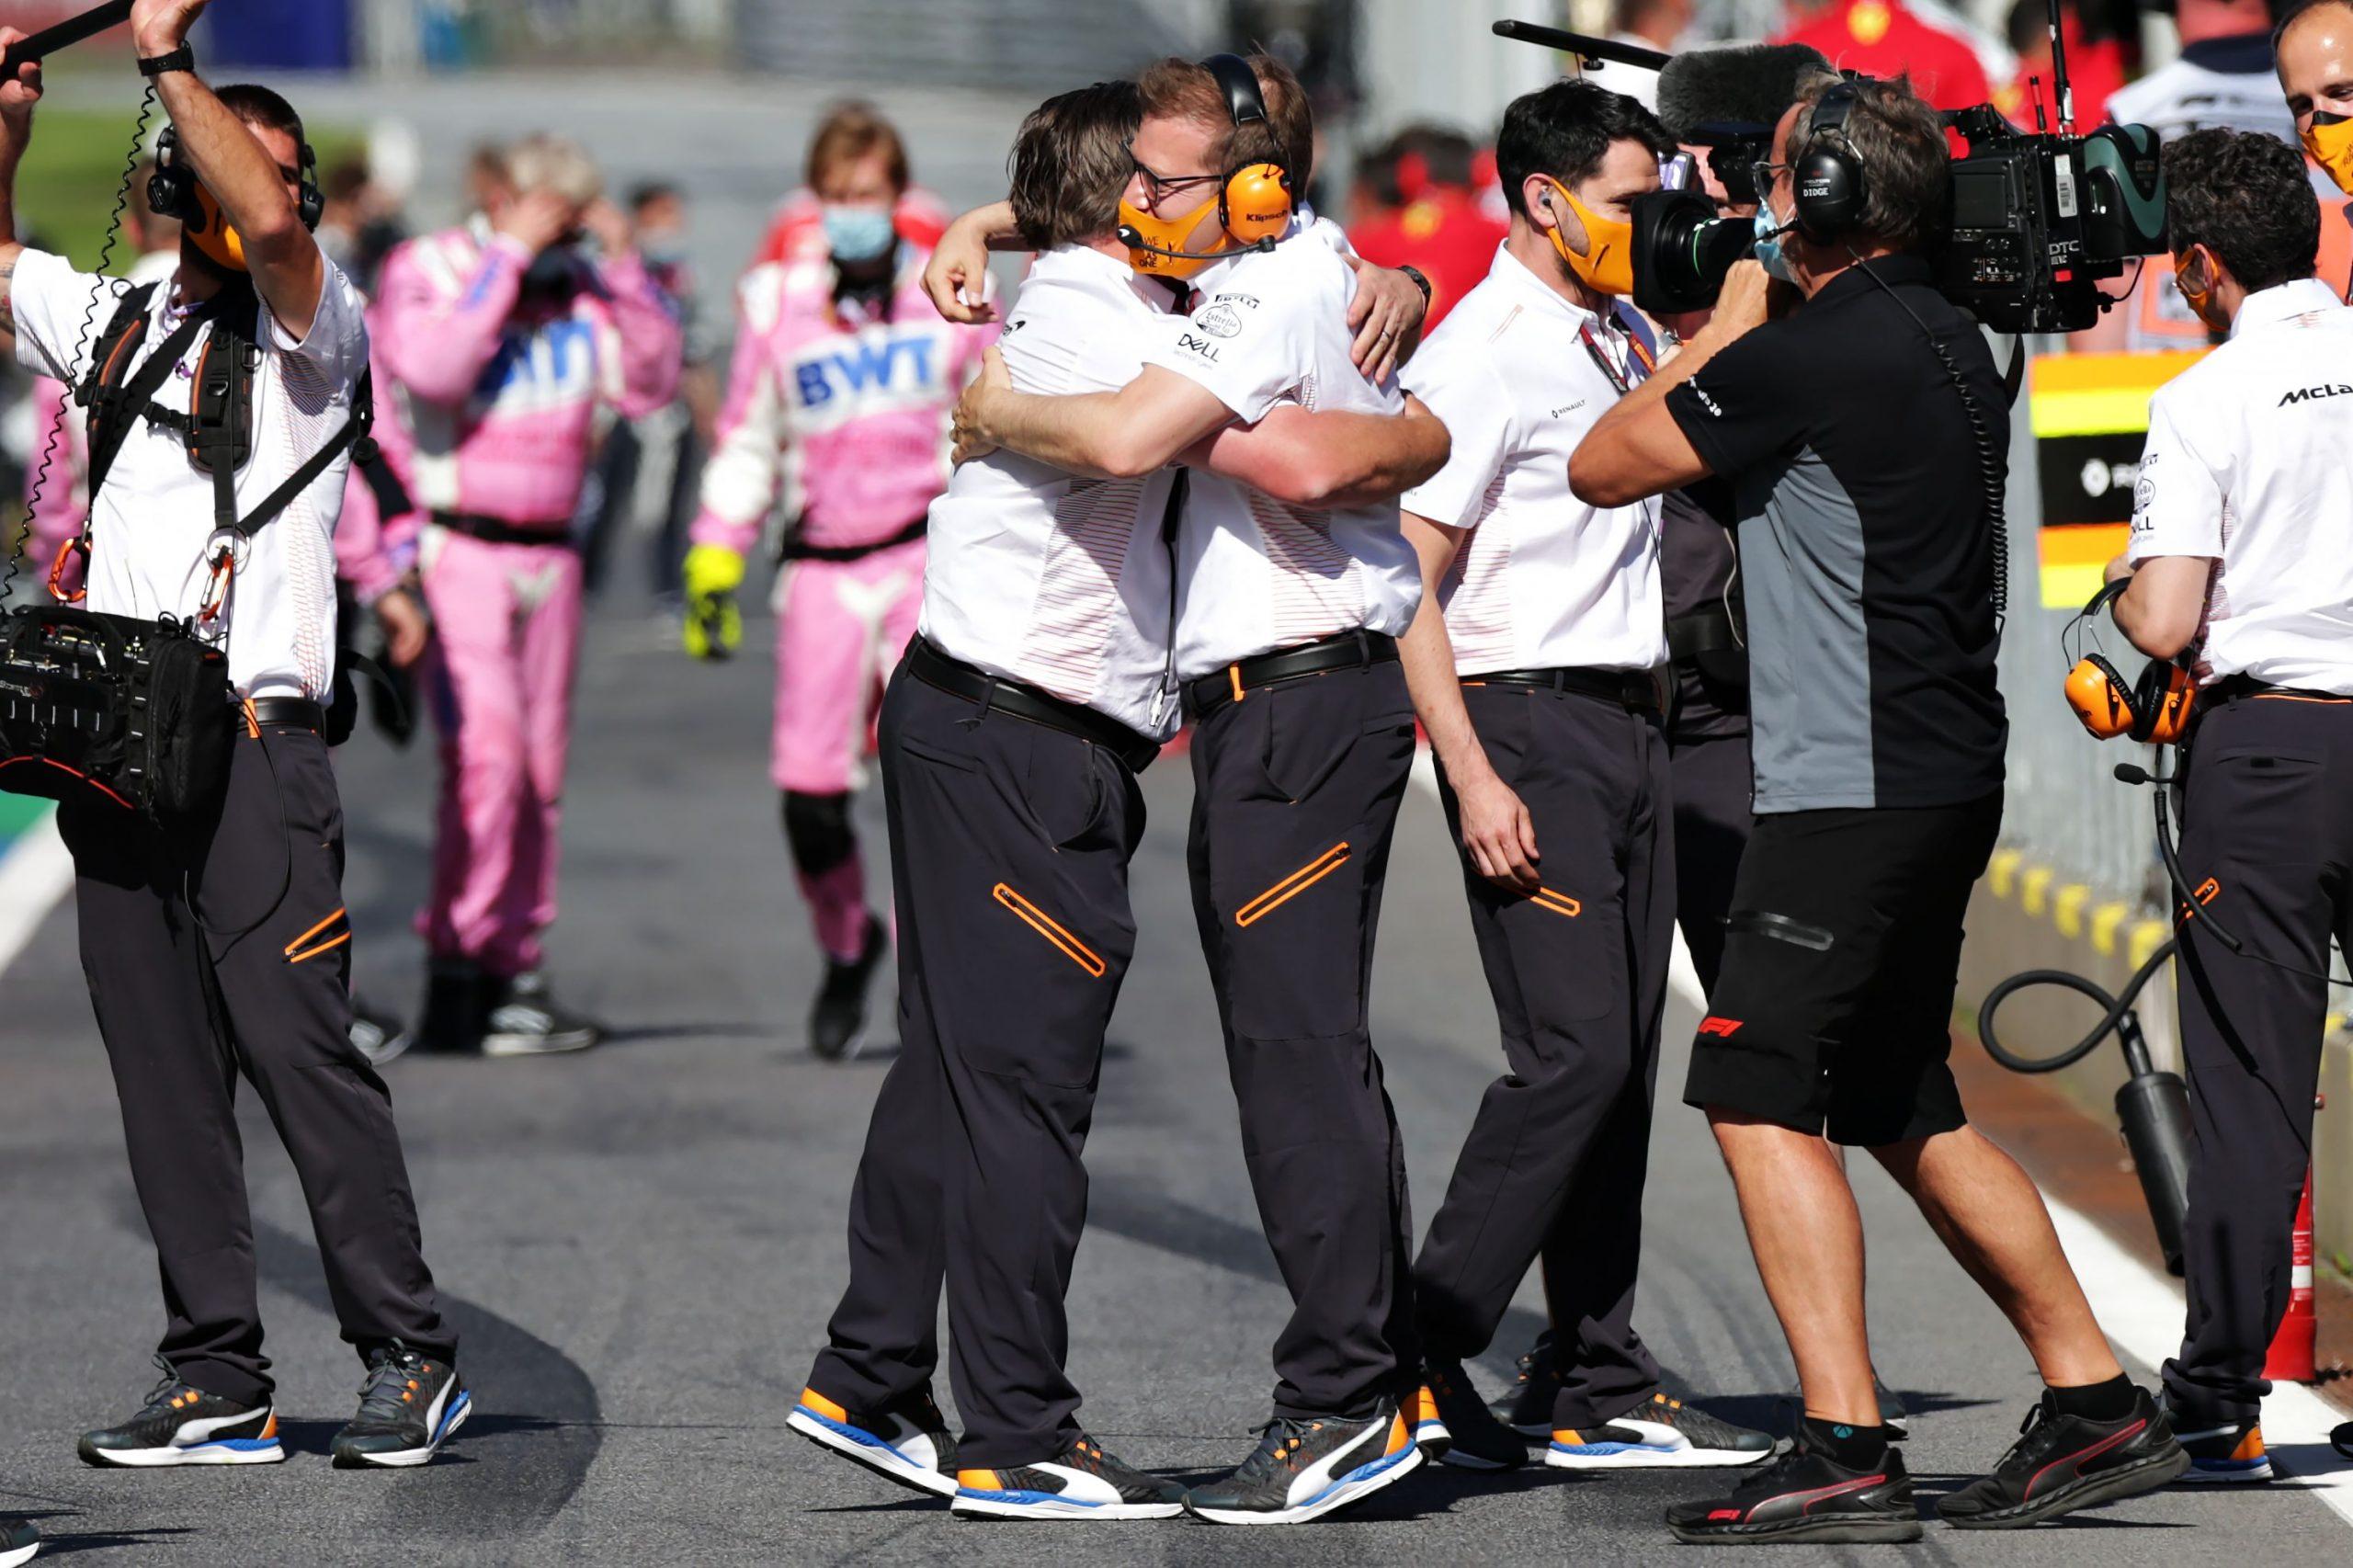 Brown se abraza a Seidl tras el podio de Norris